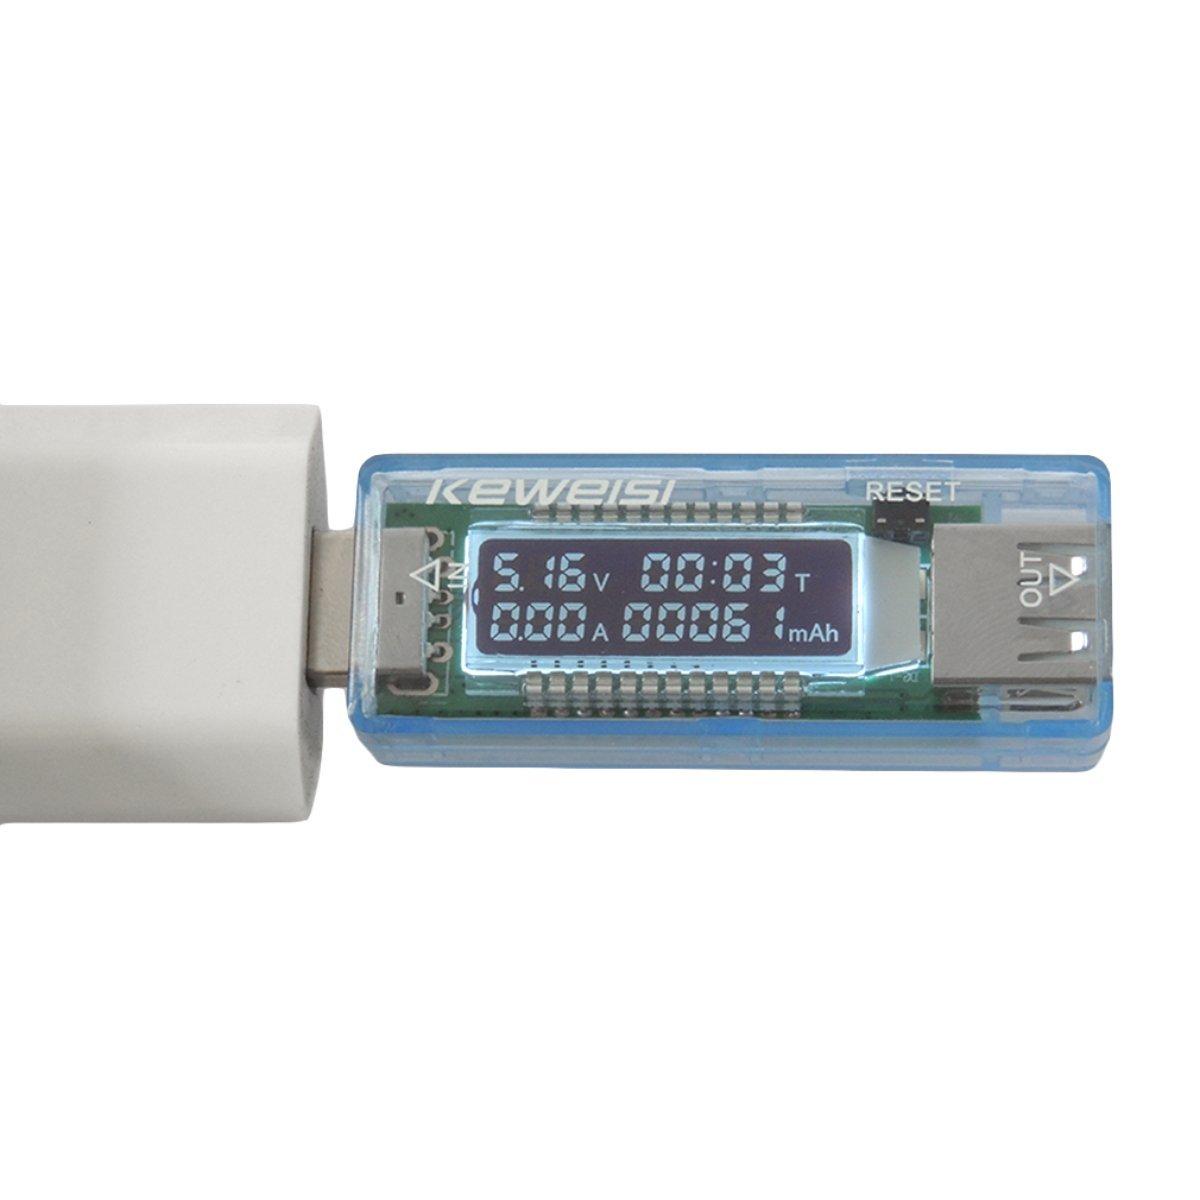 Gugutogo USB Detektor Voltmeter Amperemeter Kapazitä t Tester Meter Spannung Strom Mobile Power USB Ladegerä t KWS-V21 (Farbe: Hellblau)